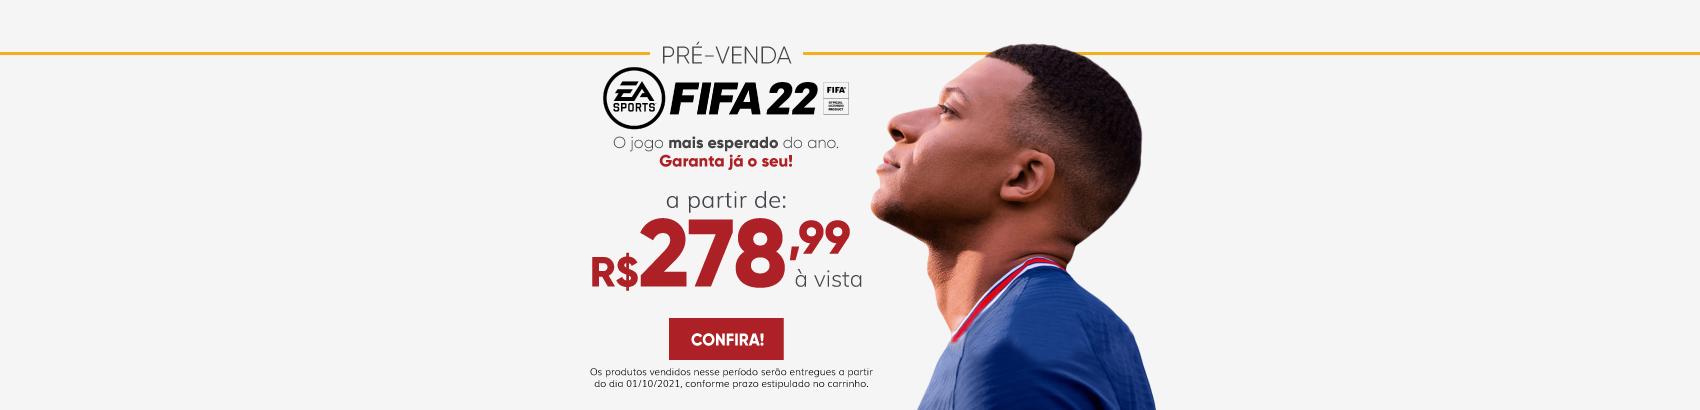 fifa-22